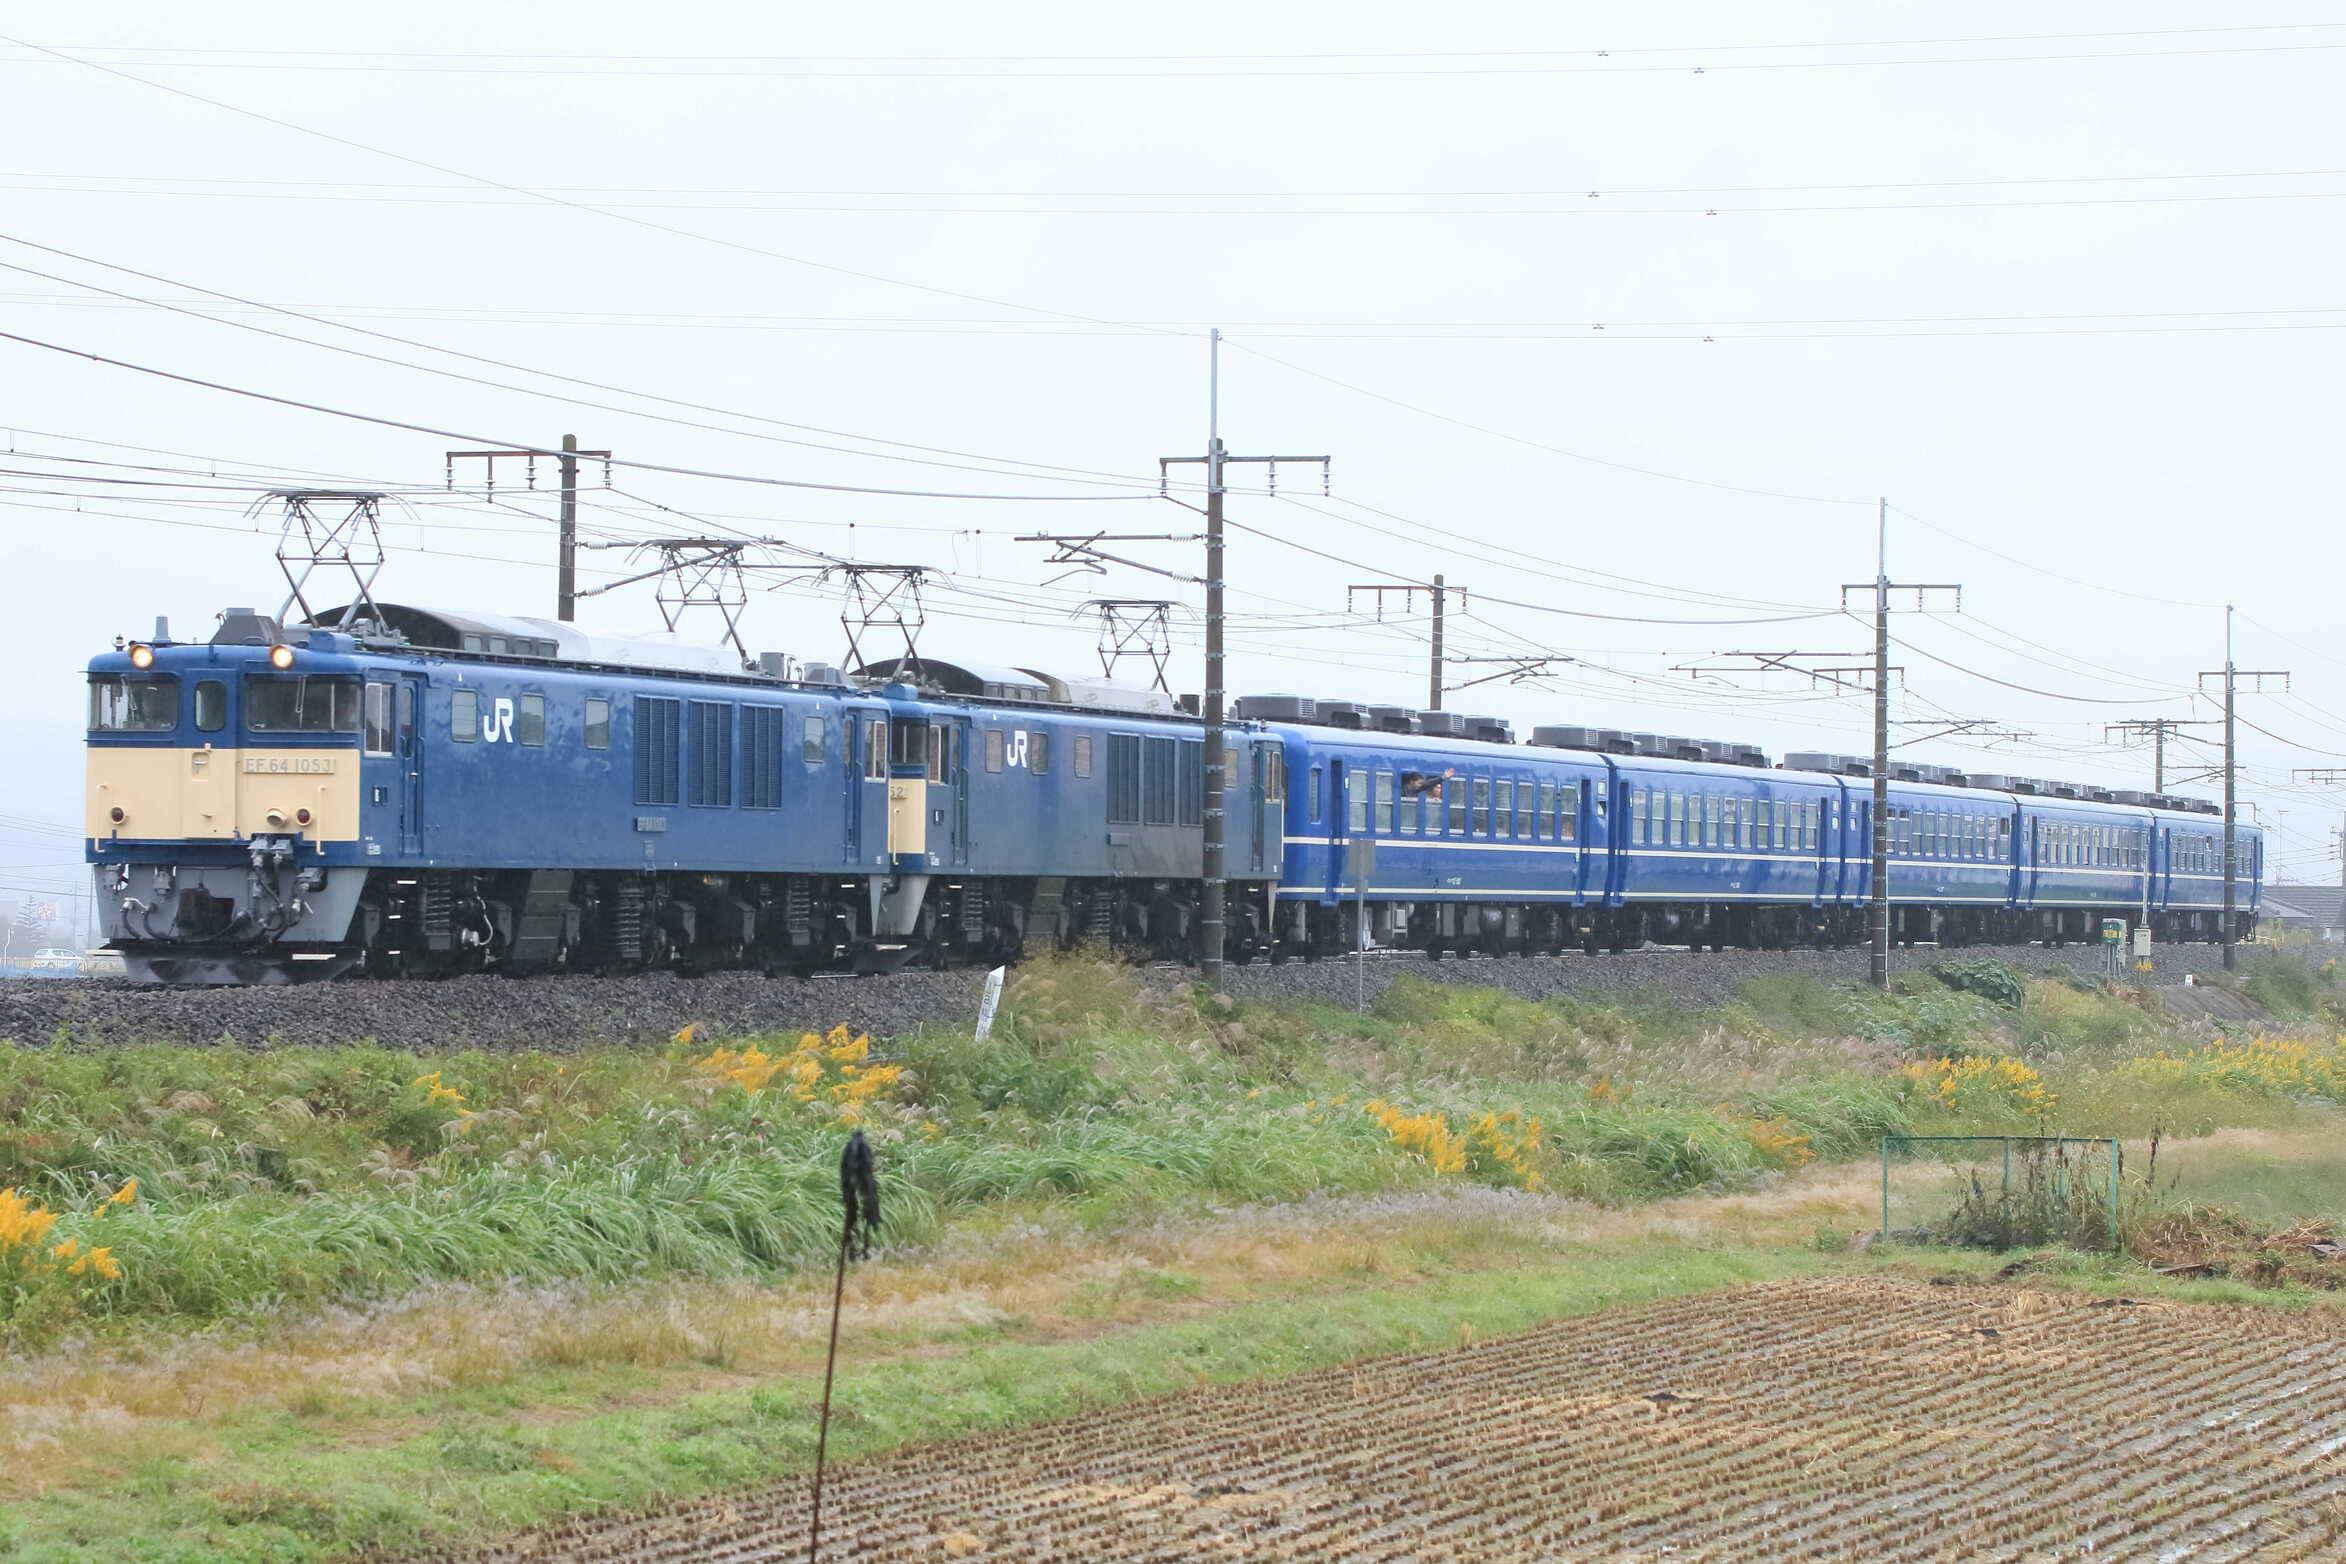 9731列車 ELみなかみ EF64-1053②[高]+EF64-1052②[高]+12系 高タカ車5両